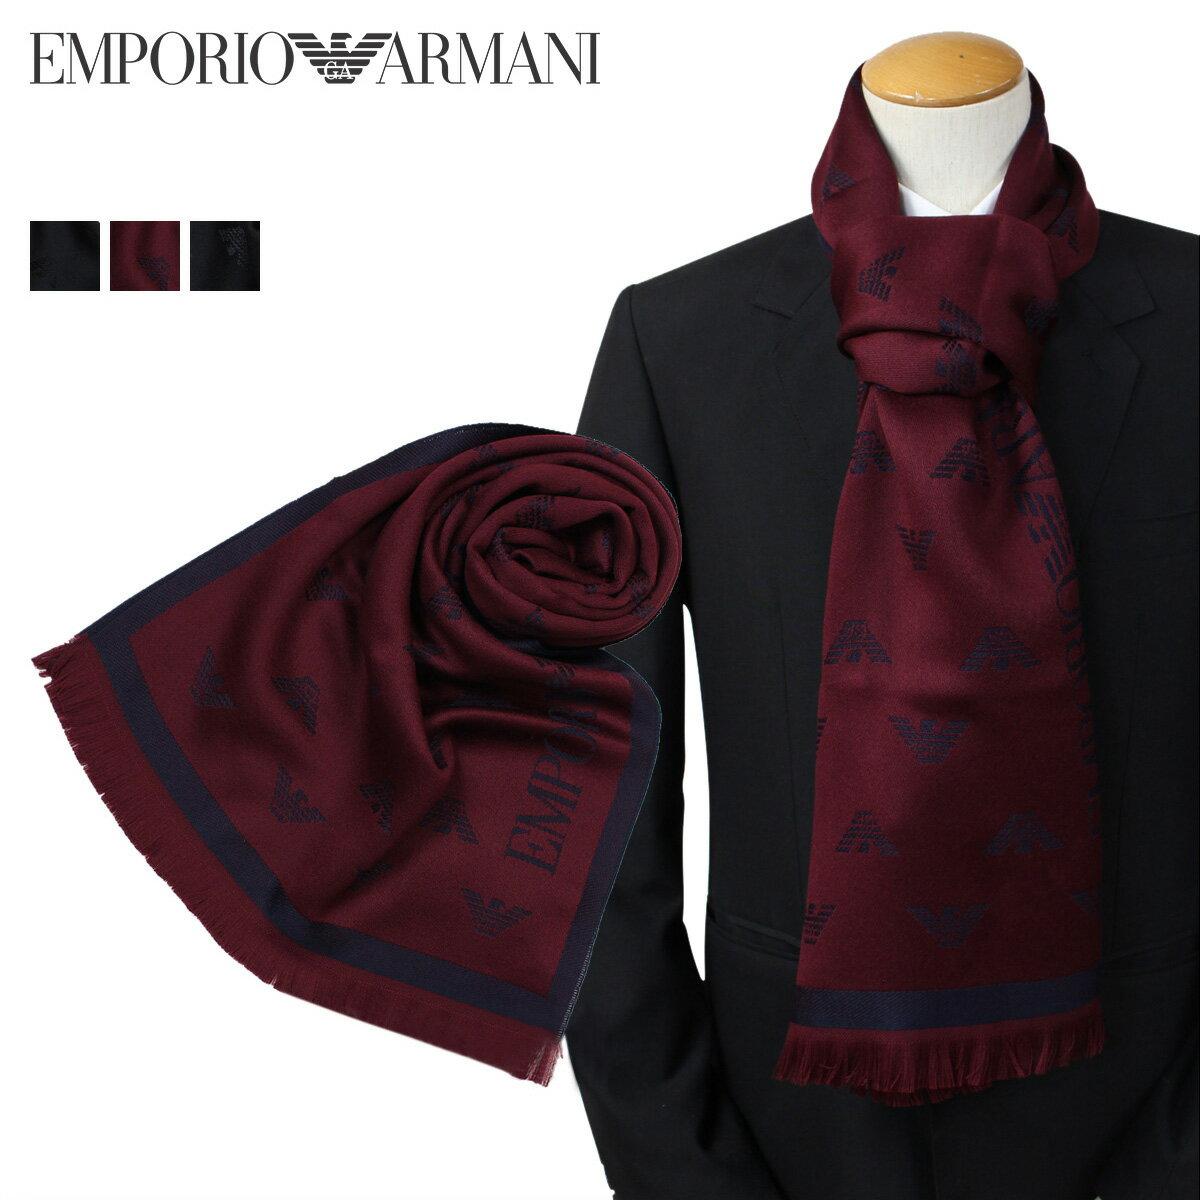 エンポリオ アルマーニ マフラー メンズ EMPORIO ARMANI ウール イタリア製 ビジネス カジュアル 6250097A306